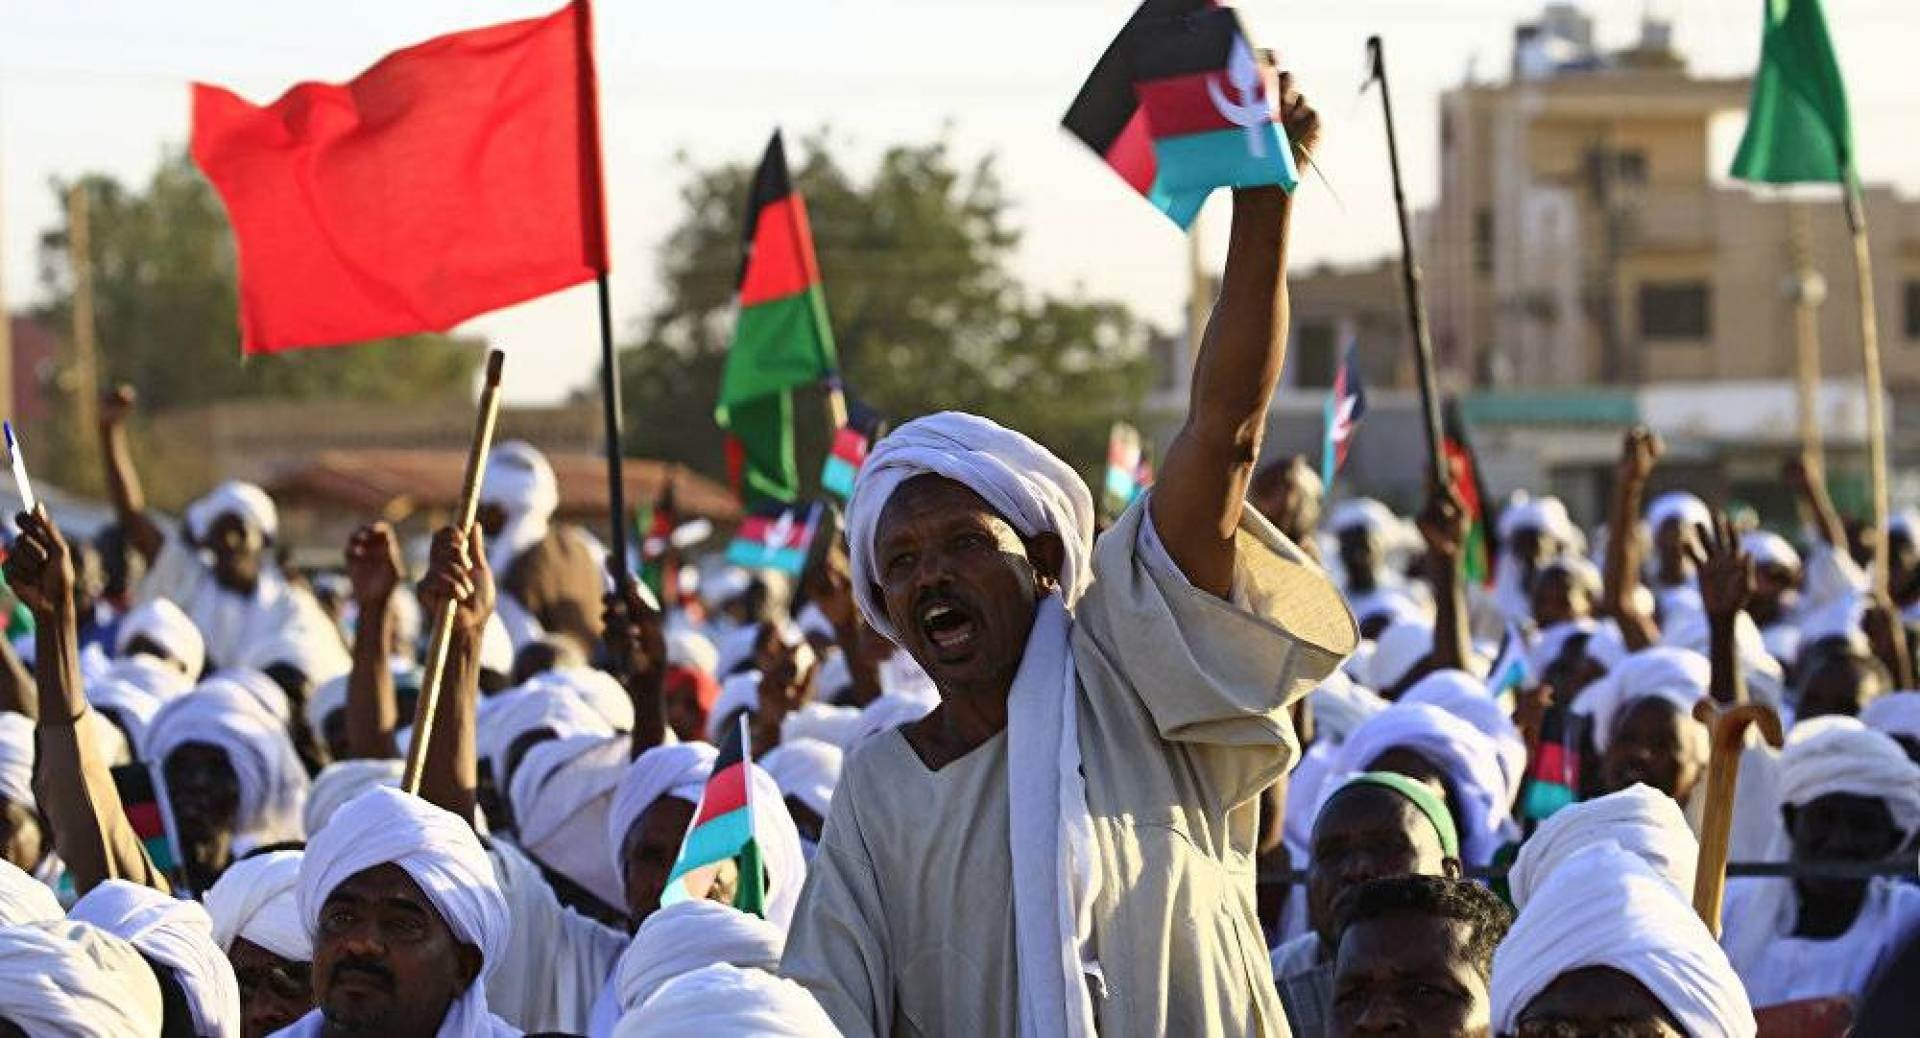 تظاهرات في عدد من المدن السودانية احتجاجاً على الأوضاع المعيشية